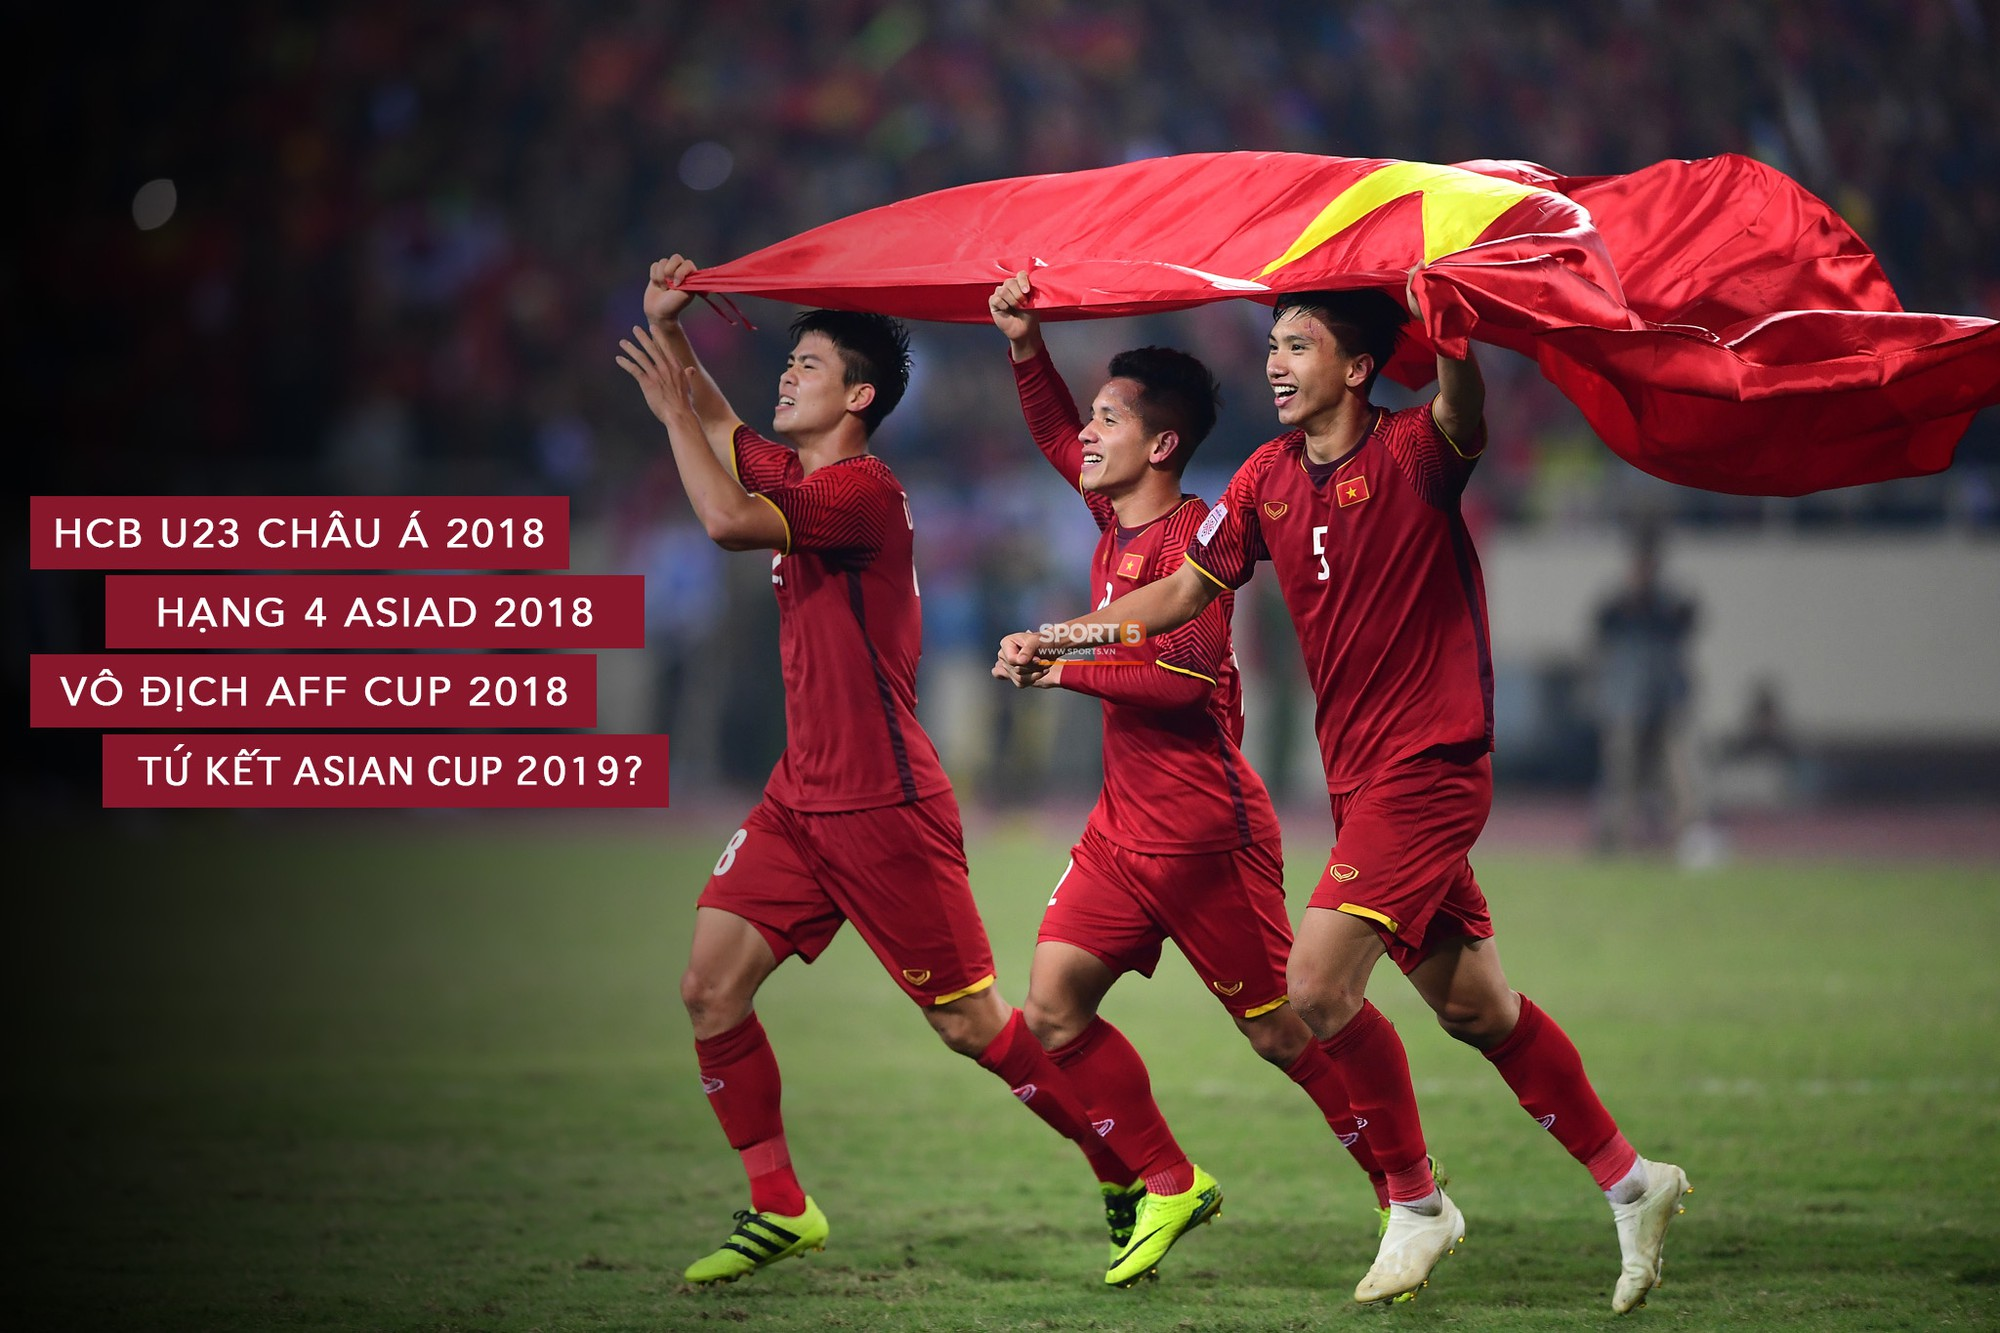 Tuyển Việt Nam vào tứ kết Asian Cup 2019: Tranh cãi về thế hệ xuất sắc nhất chấm dứt ở đây-1